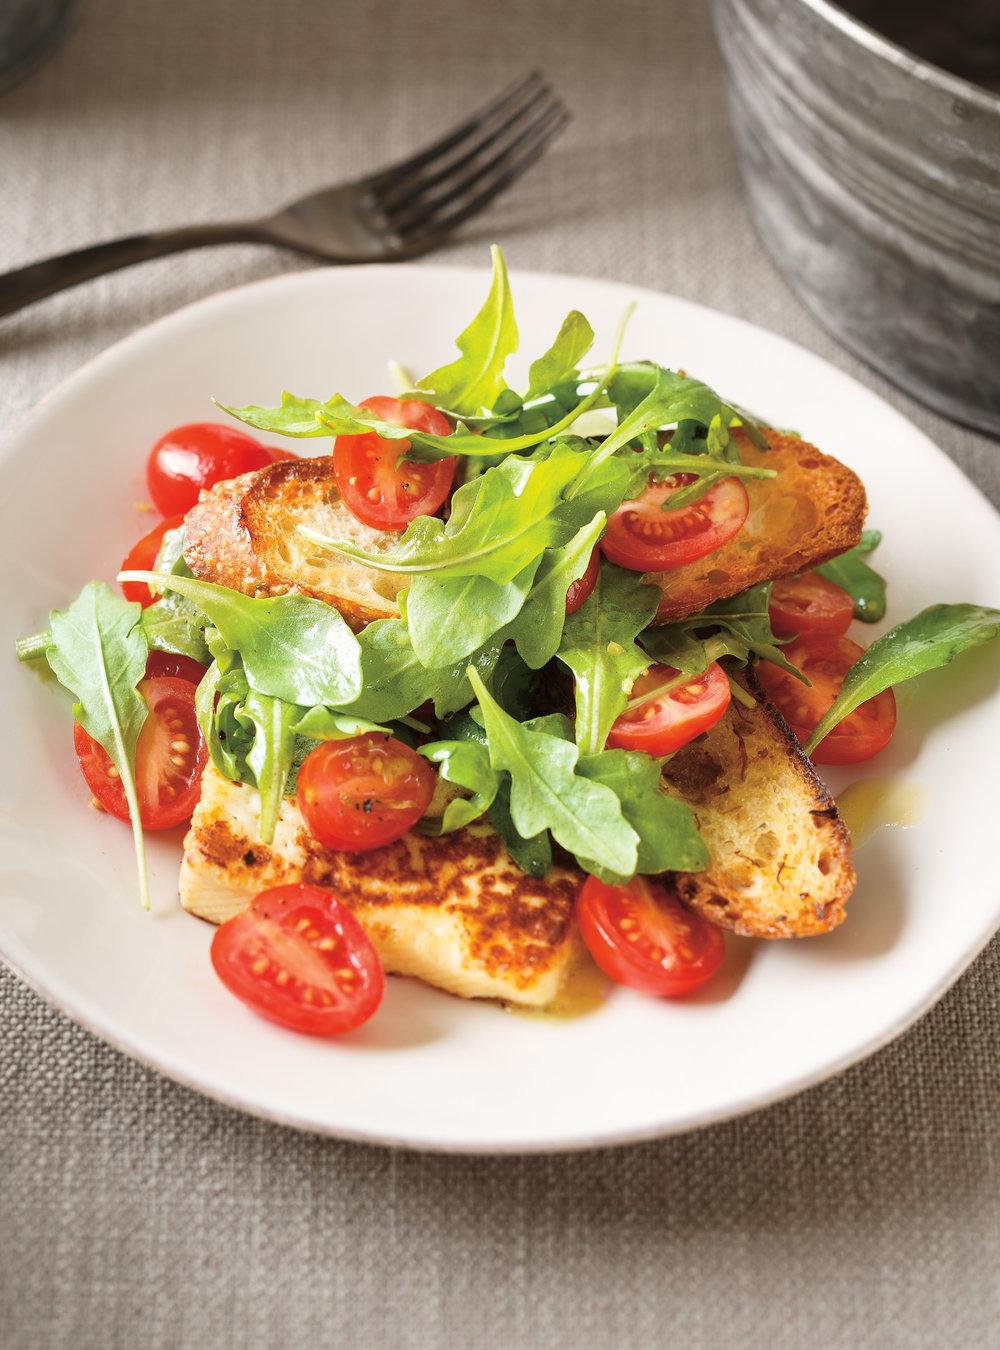 Entrée de tomates au fromage grillé à la fleur d'ail | ricardo